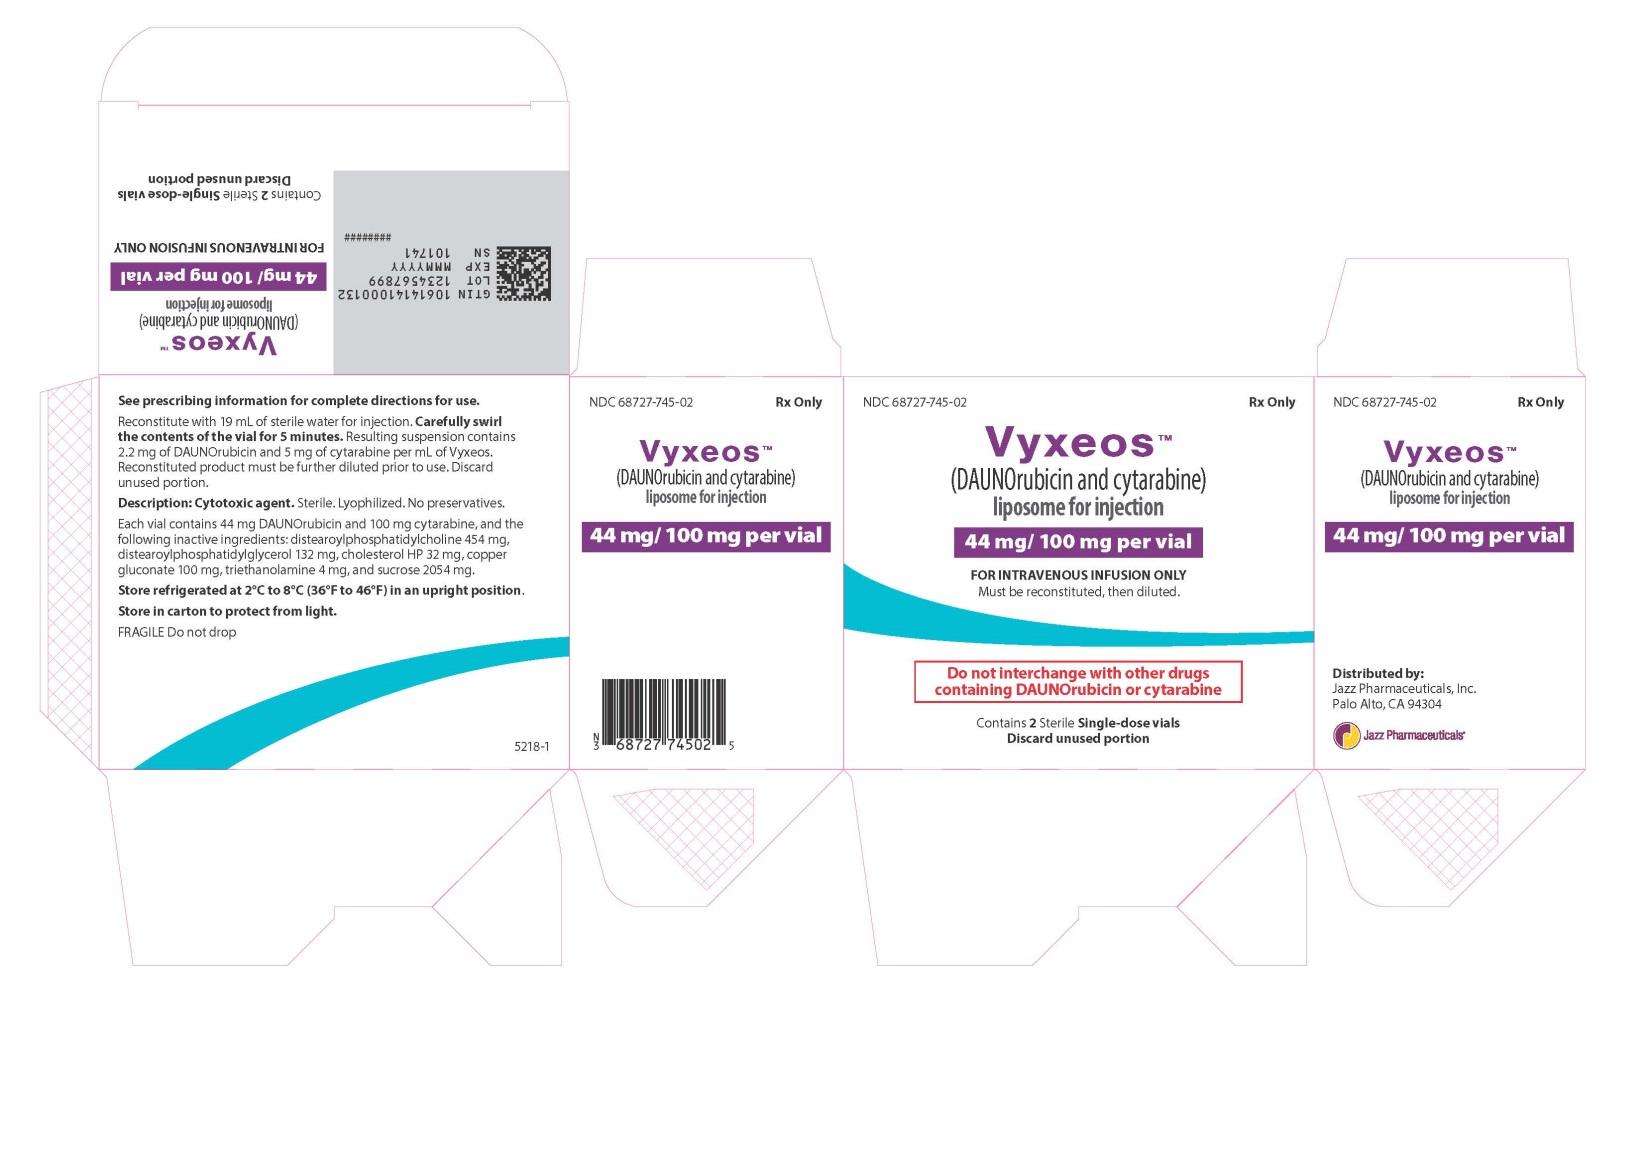 RX ITEM-Vyxeos- (Daunorubicin And Cytarabine) Liposome Injection, Powder, By Jaz